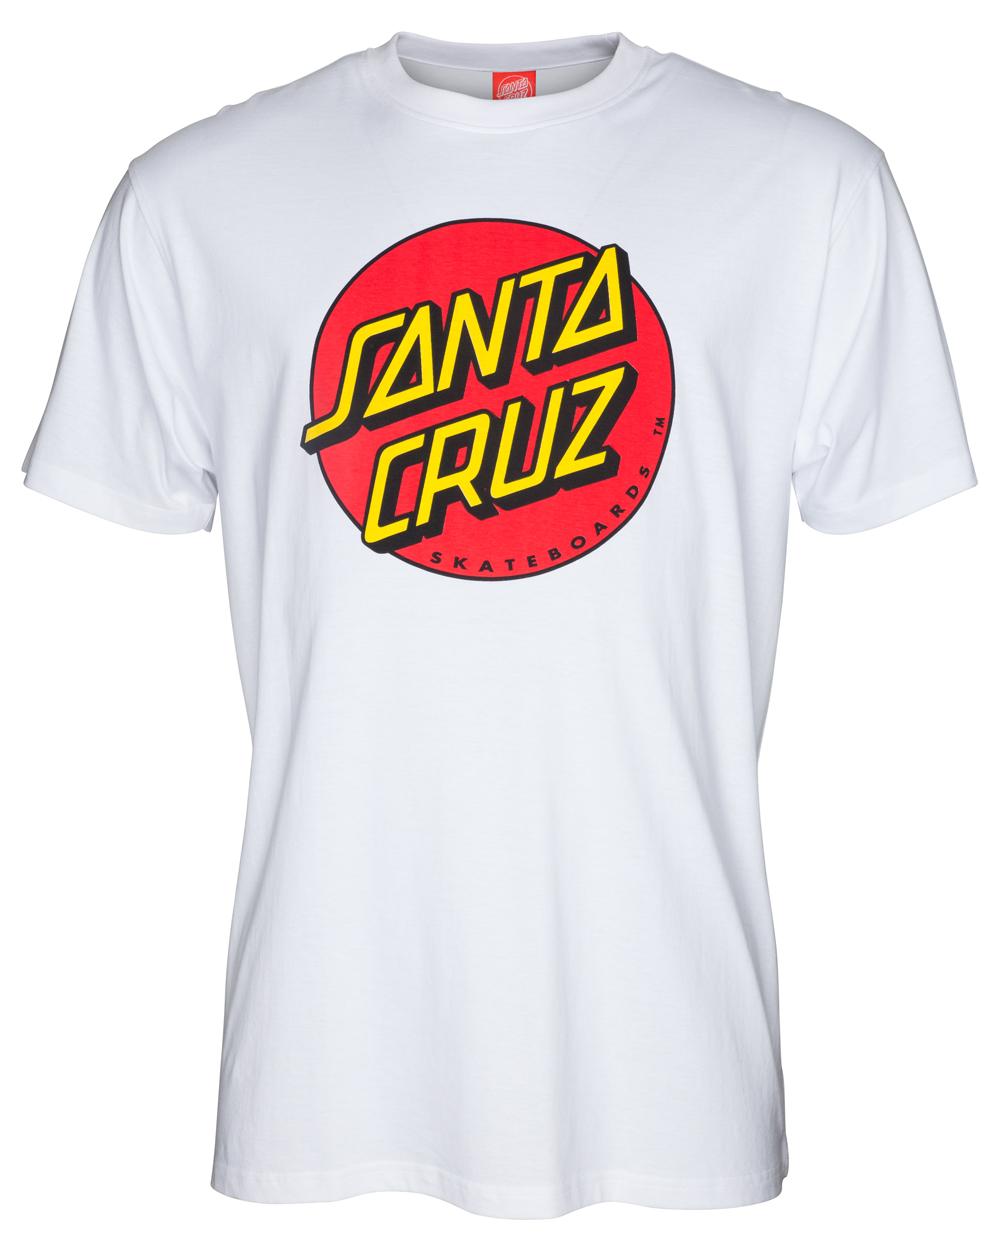 Santa Cruz Men's T-Shirt Classic Dot White